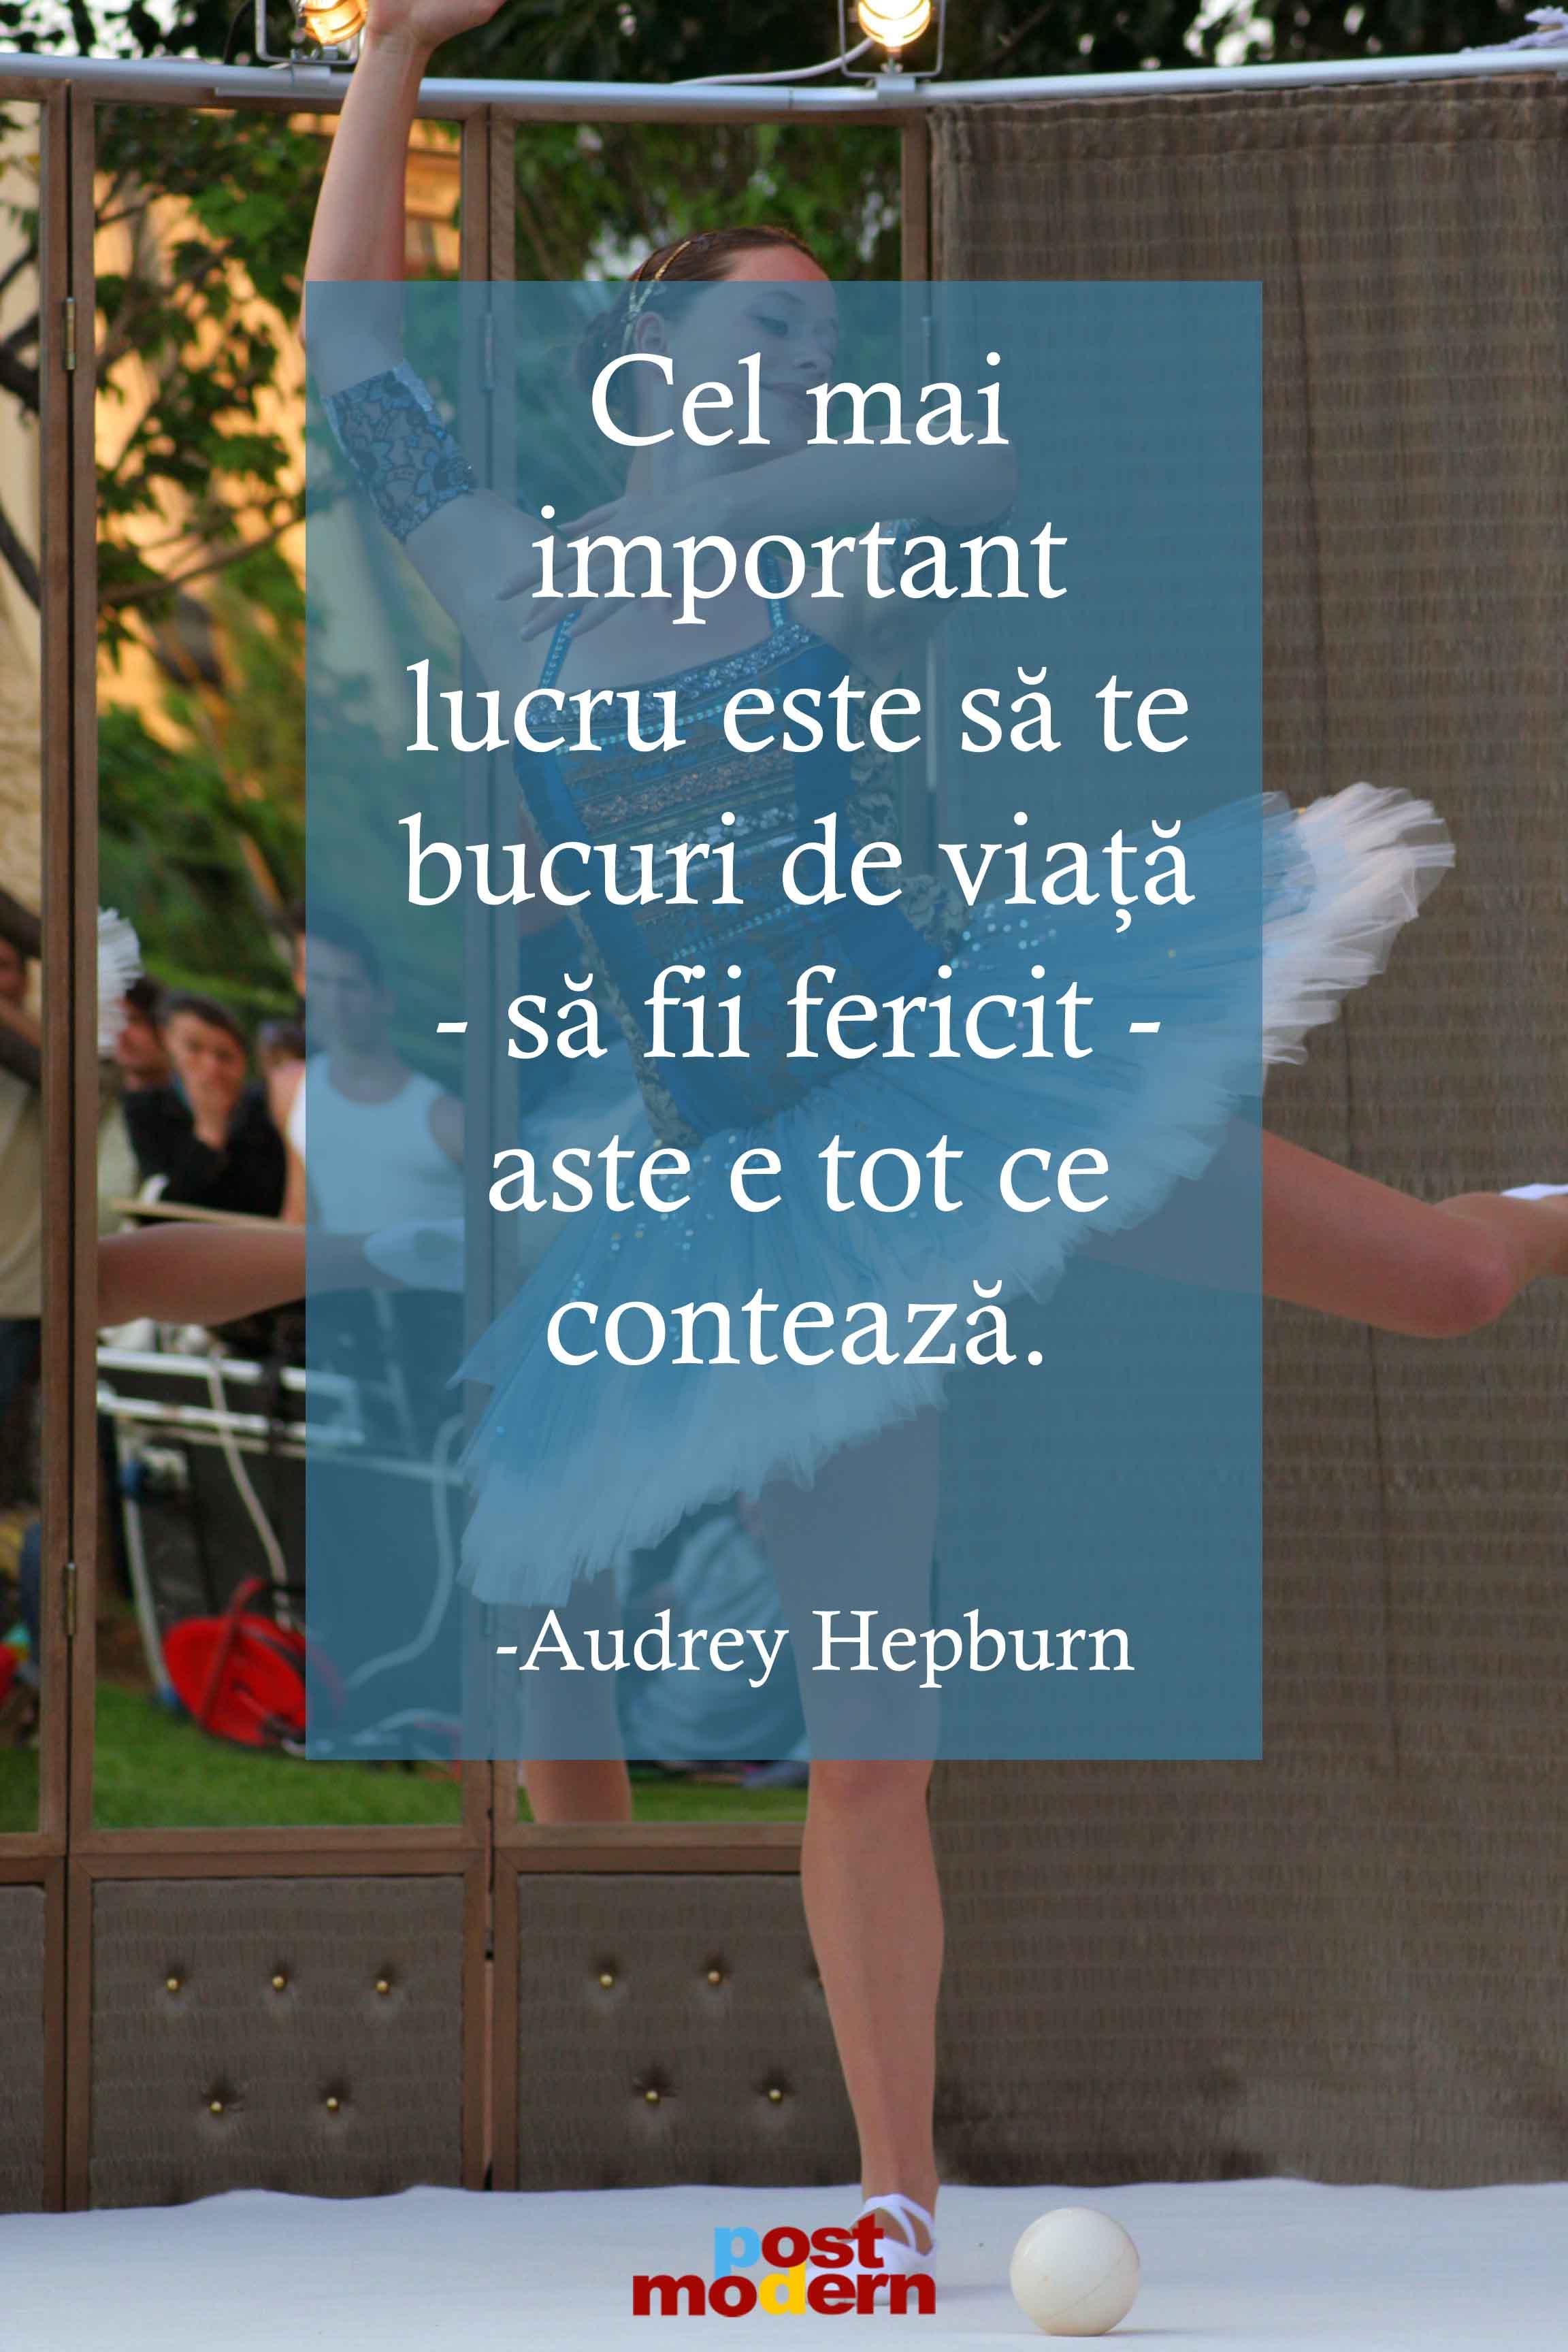 citate despre fericire audrey hepburn